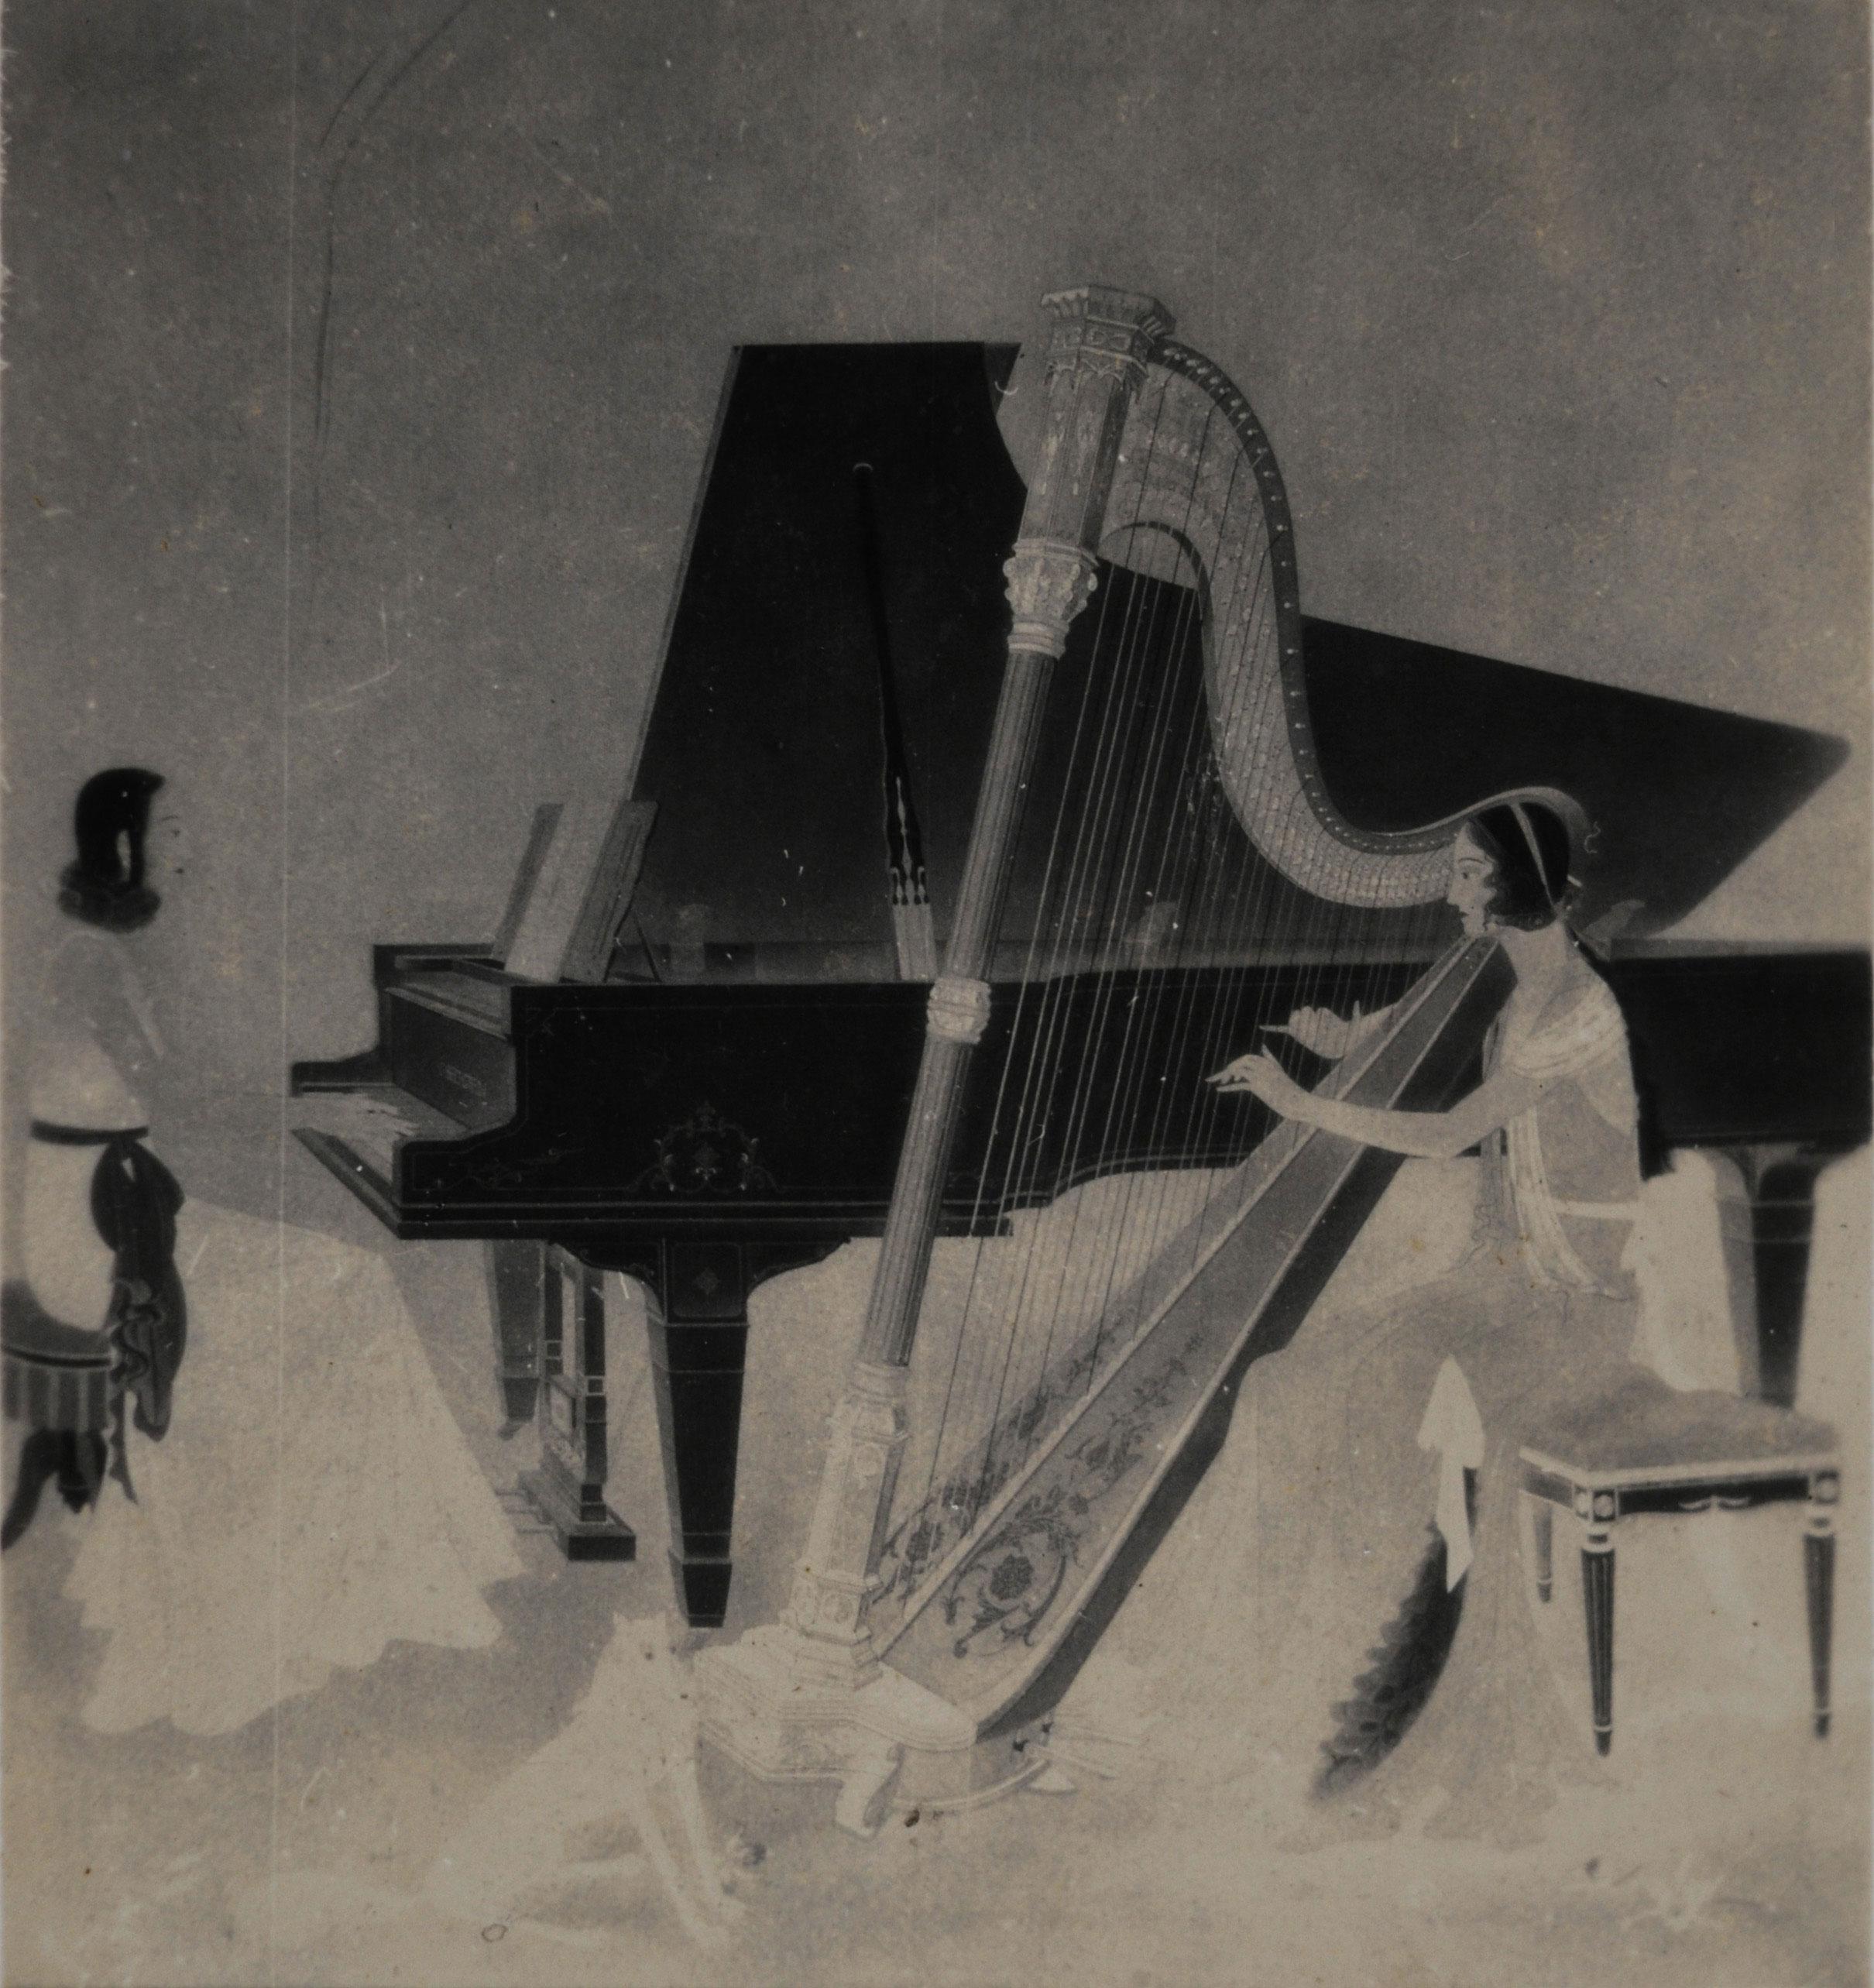 ハープとピアノ - Harp and Piano